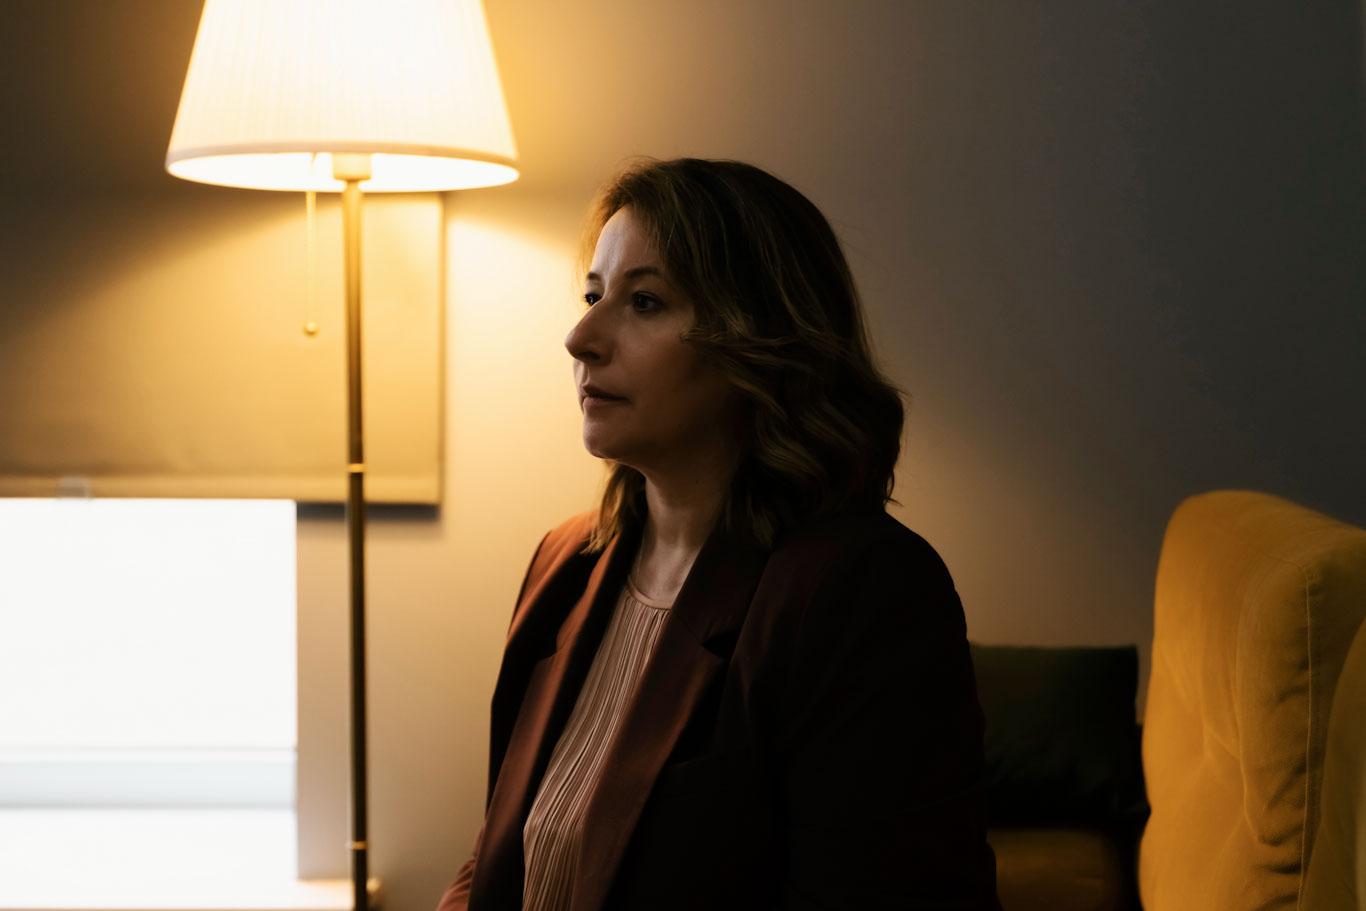 интервью о женщинах в политике, женщины-политики